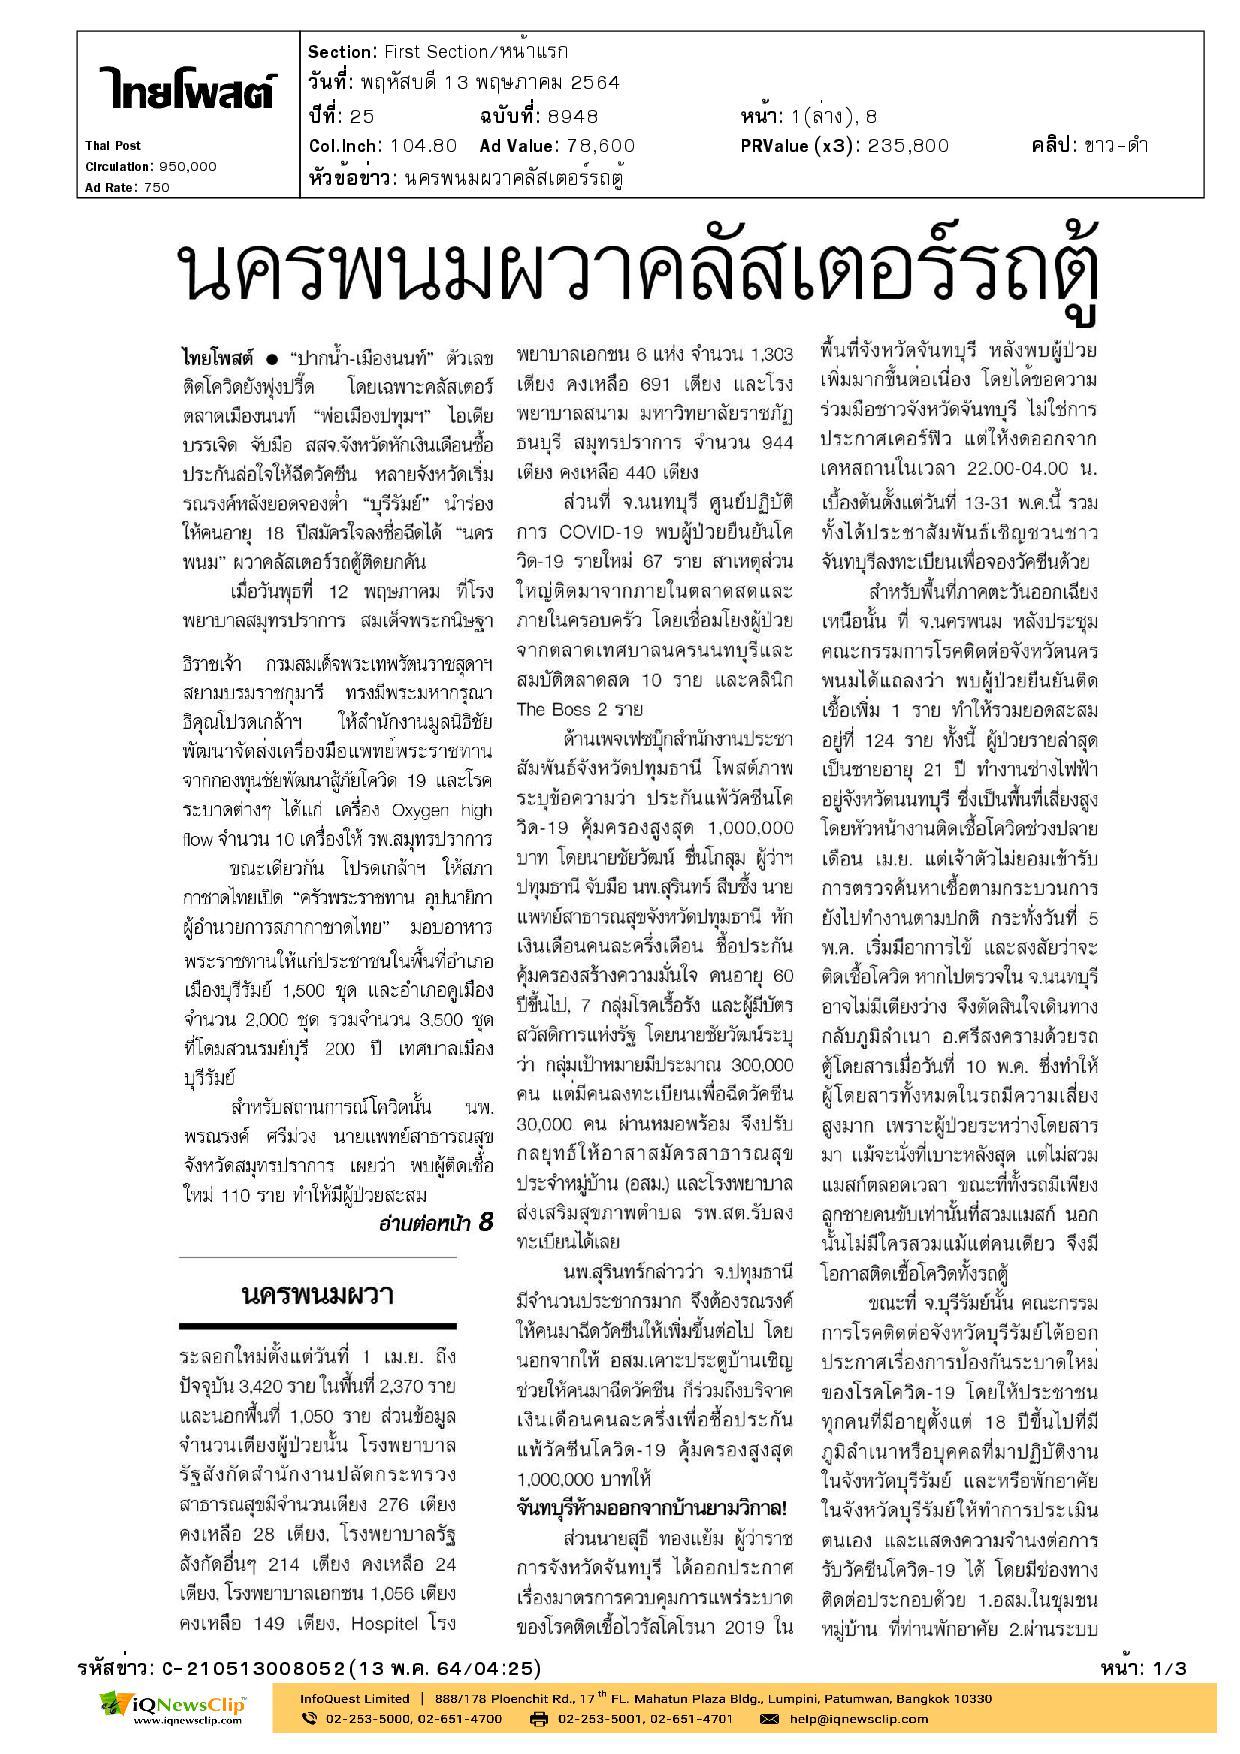 พลโท นพ.อำนาจ บาลี รับมอบหน้ากากอนามัย N95 จากมูลนิธิ อิออนประเทศไทย